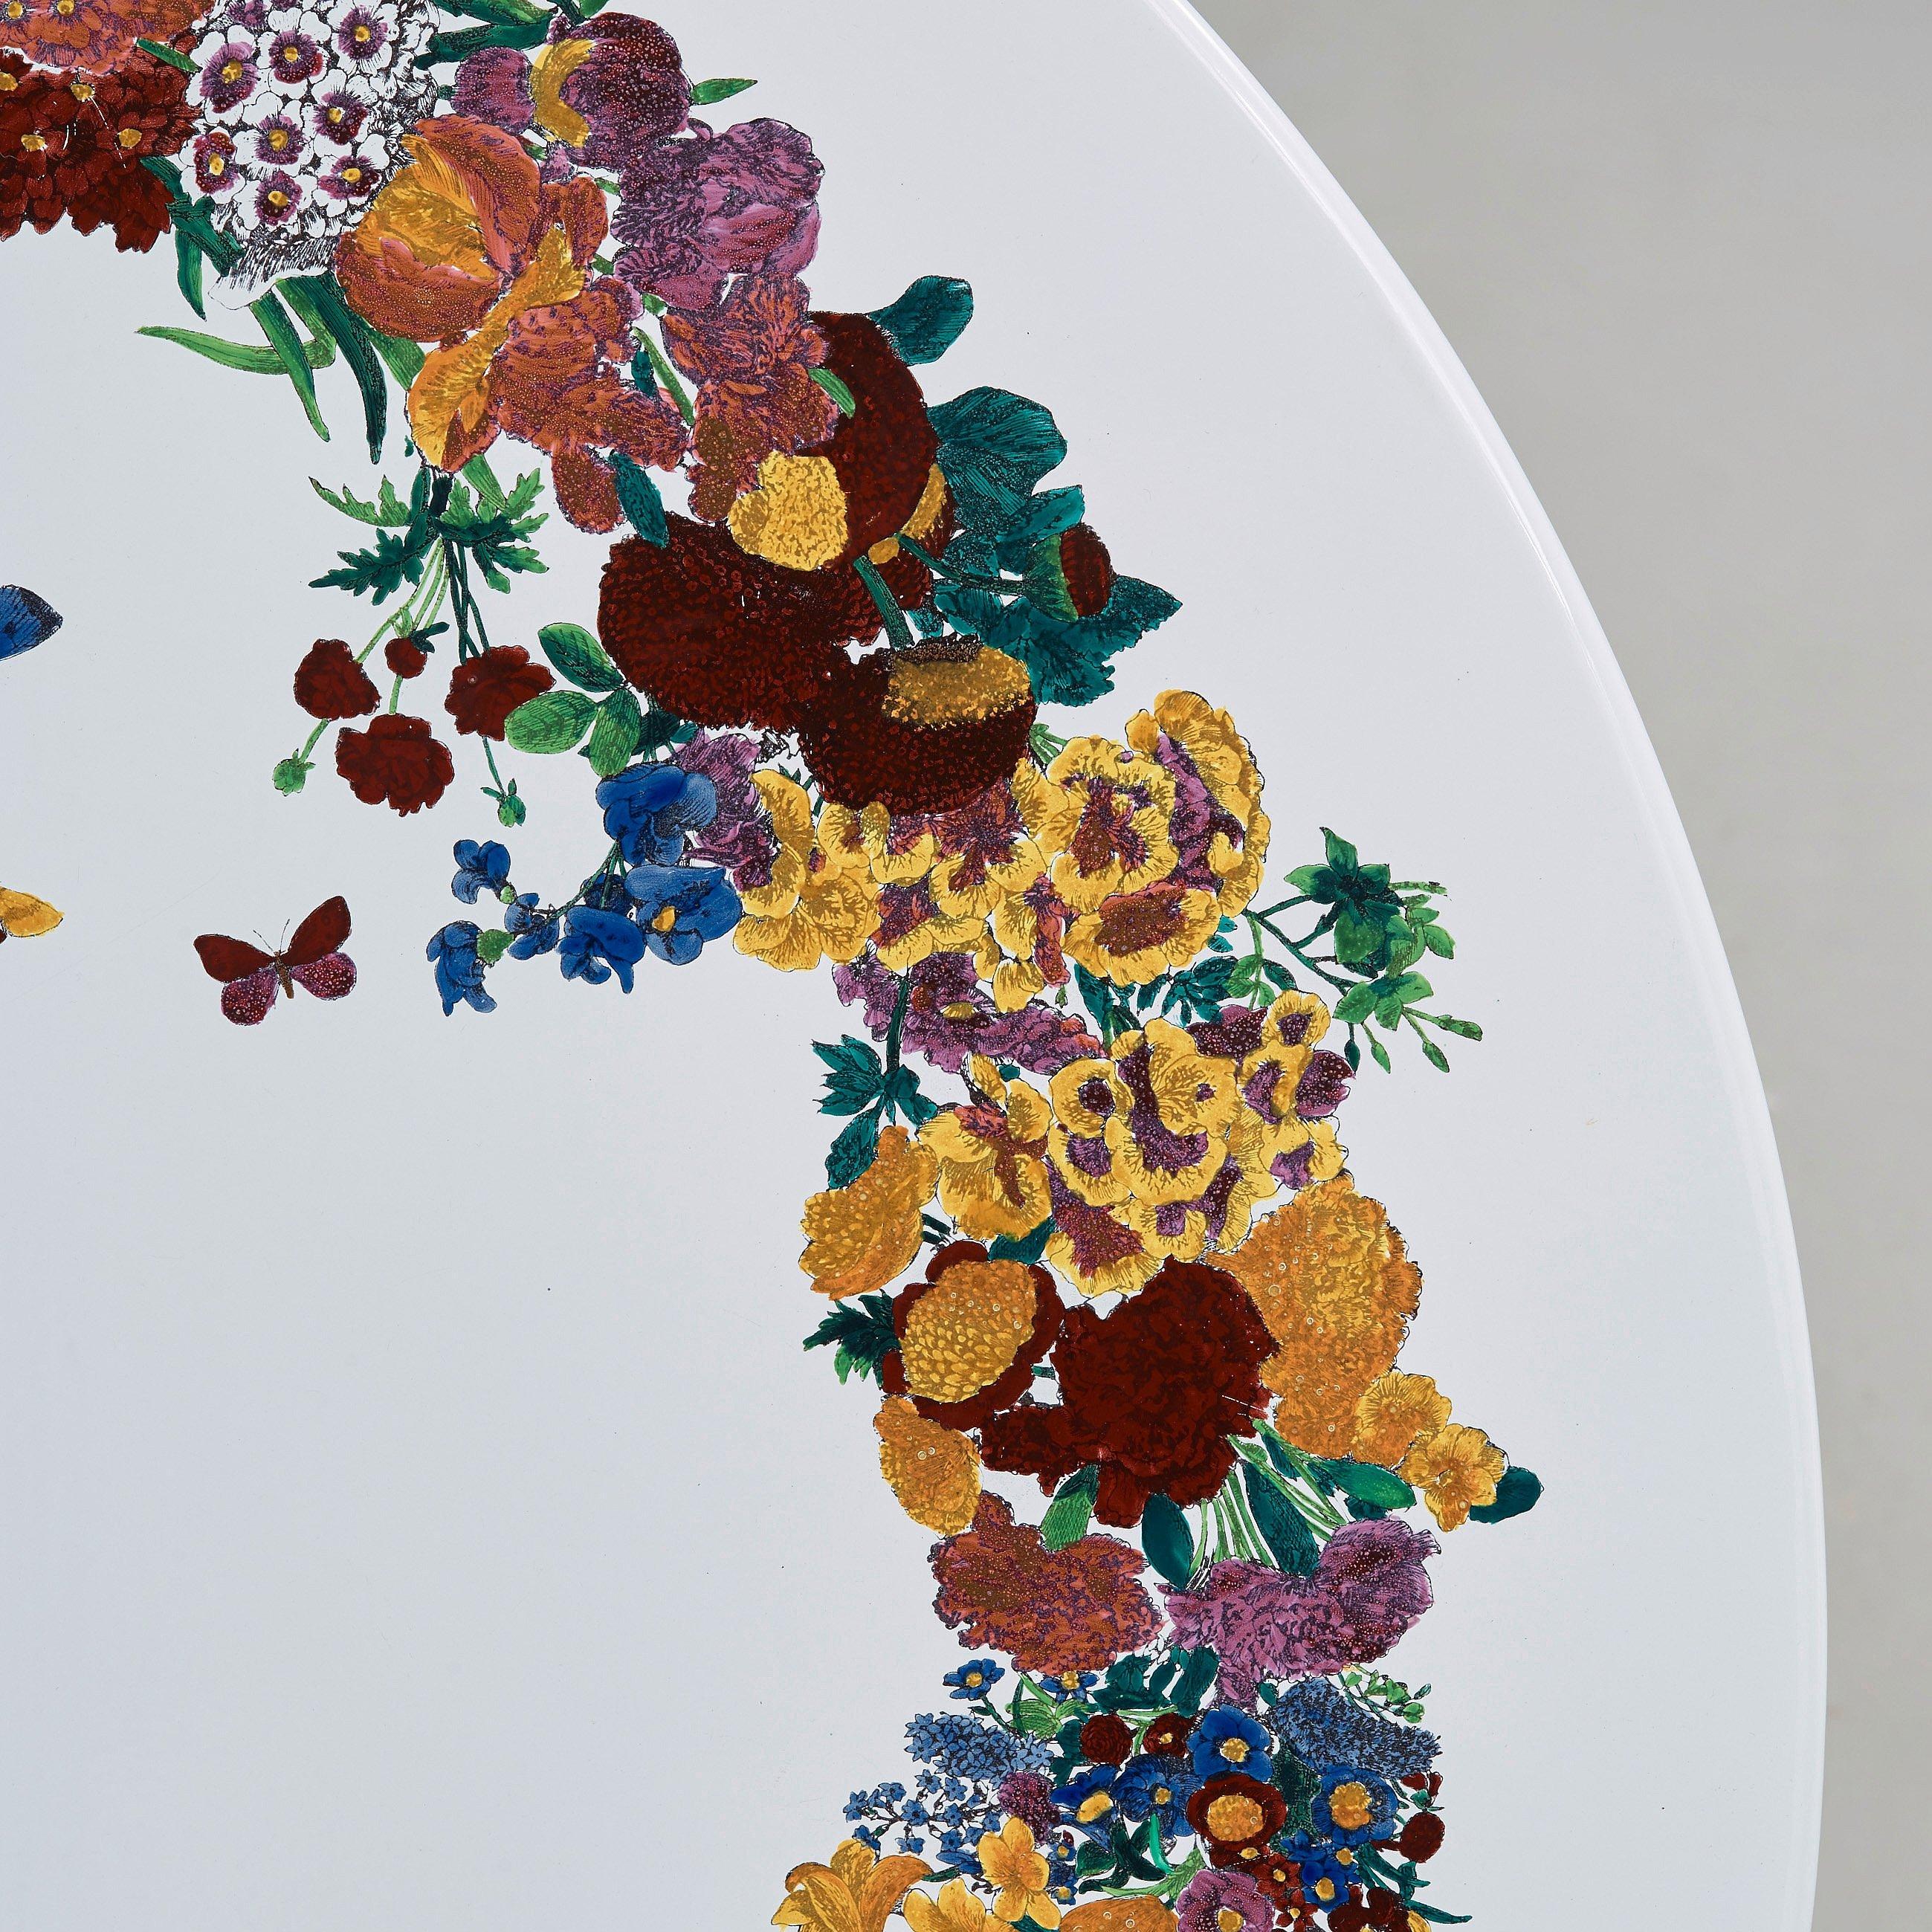 Piero Fornasetti, an enameled 'Corona d fiori' garden table